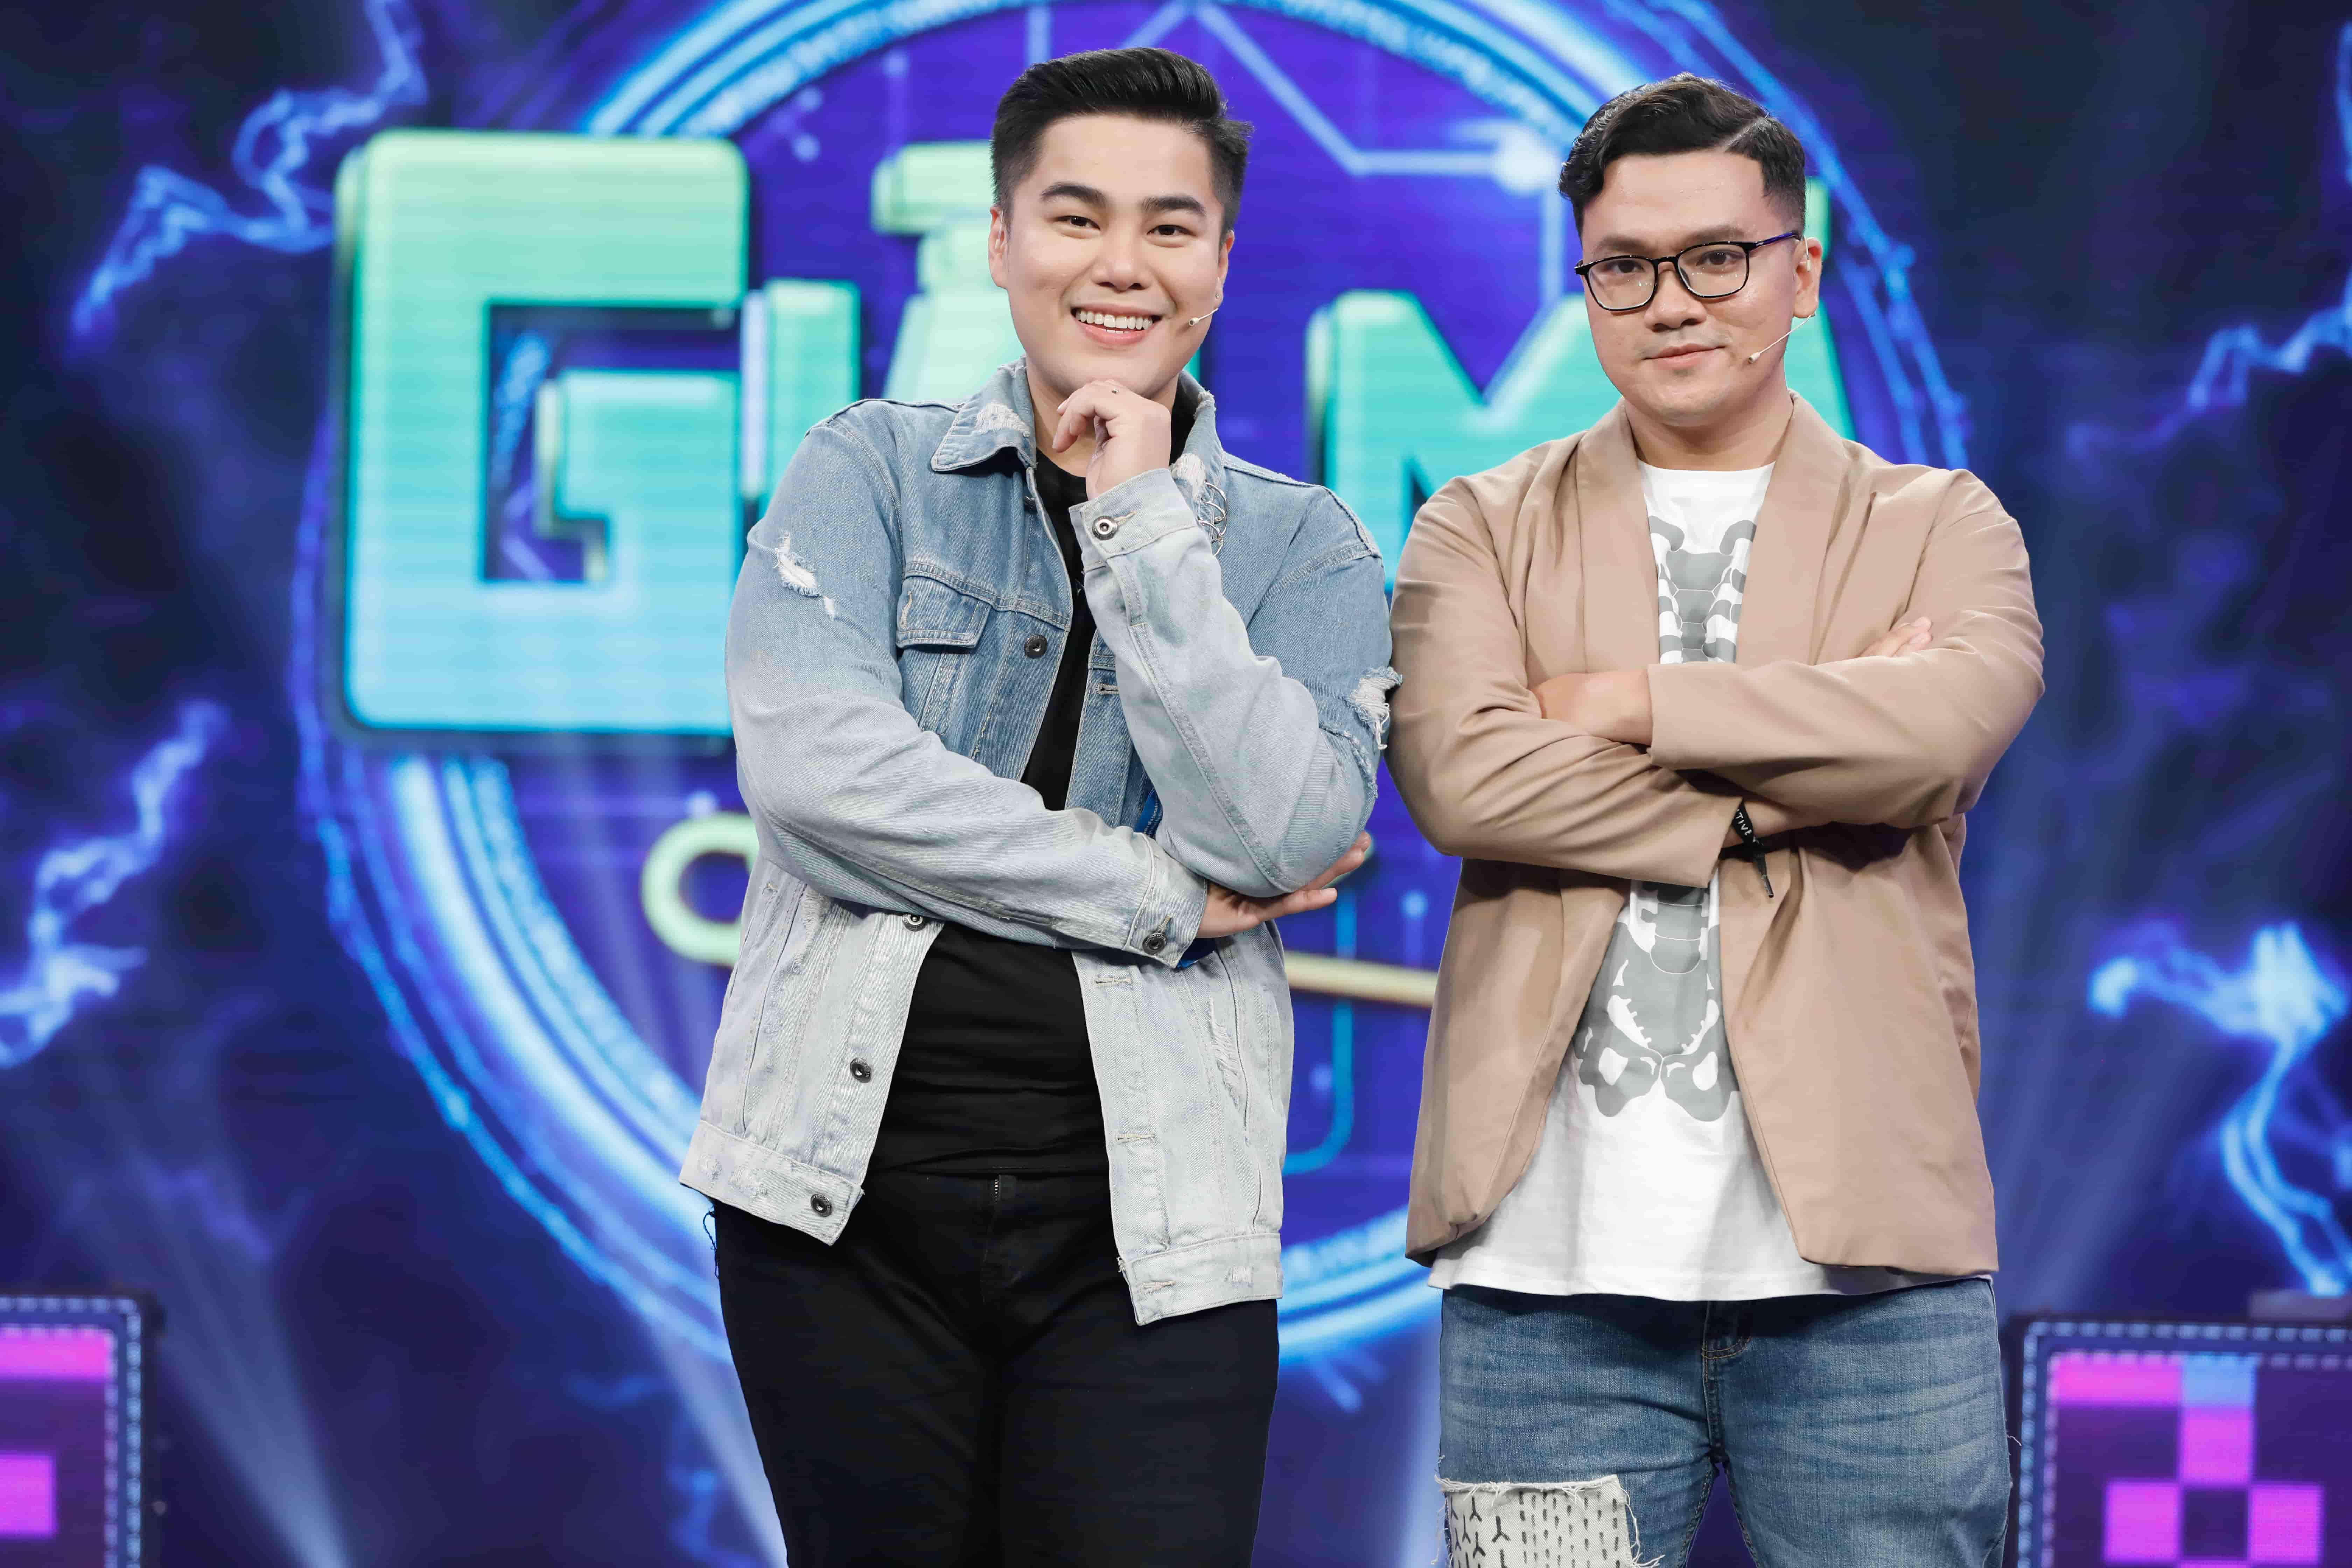 """Chủ nhân loạt hit đình đám của Noo Phước Thịnh, Hồ Quang Hiếu tiết lộ lý do từng bị nhiều người """"cạch mặt"""" - 1"""